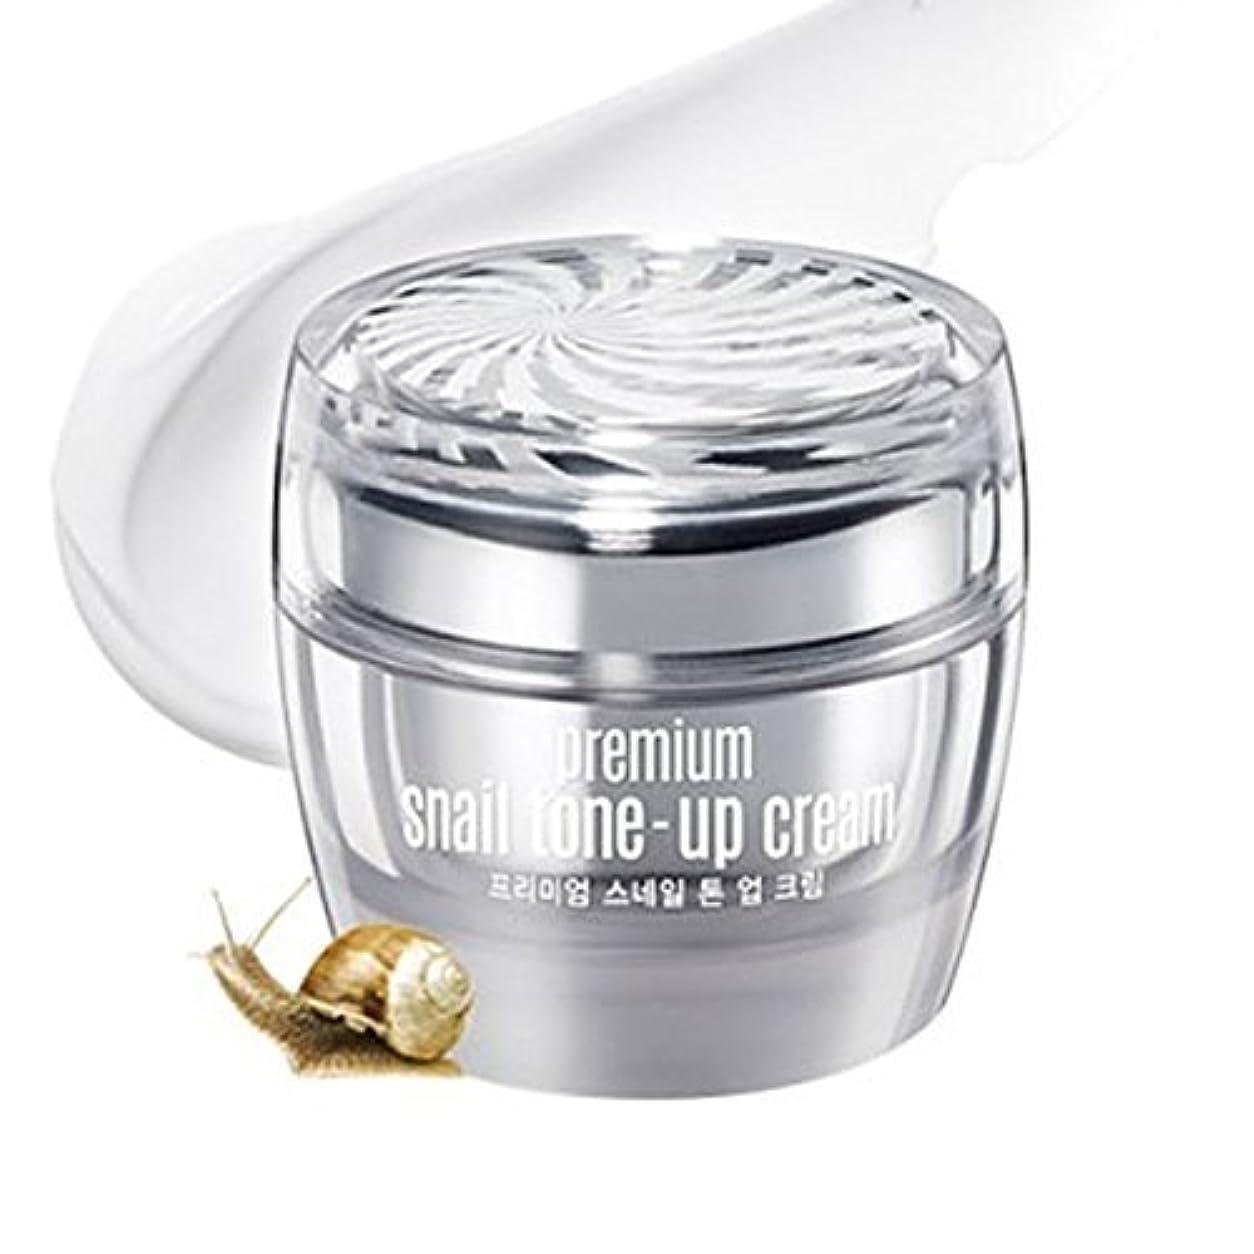 証言ポーターレポートを書くグーダル プレミアム スネイル トーンアップ クリーム CLIO Goodal Premium Snail Tone Up Whitening Cream 50ml(1.69oz)/Korea Cosmetic [並行輸入品]